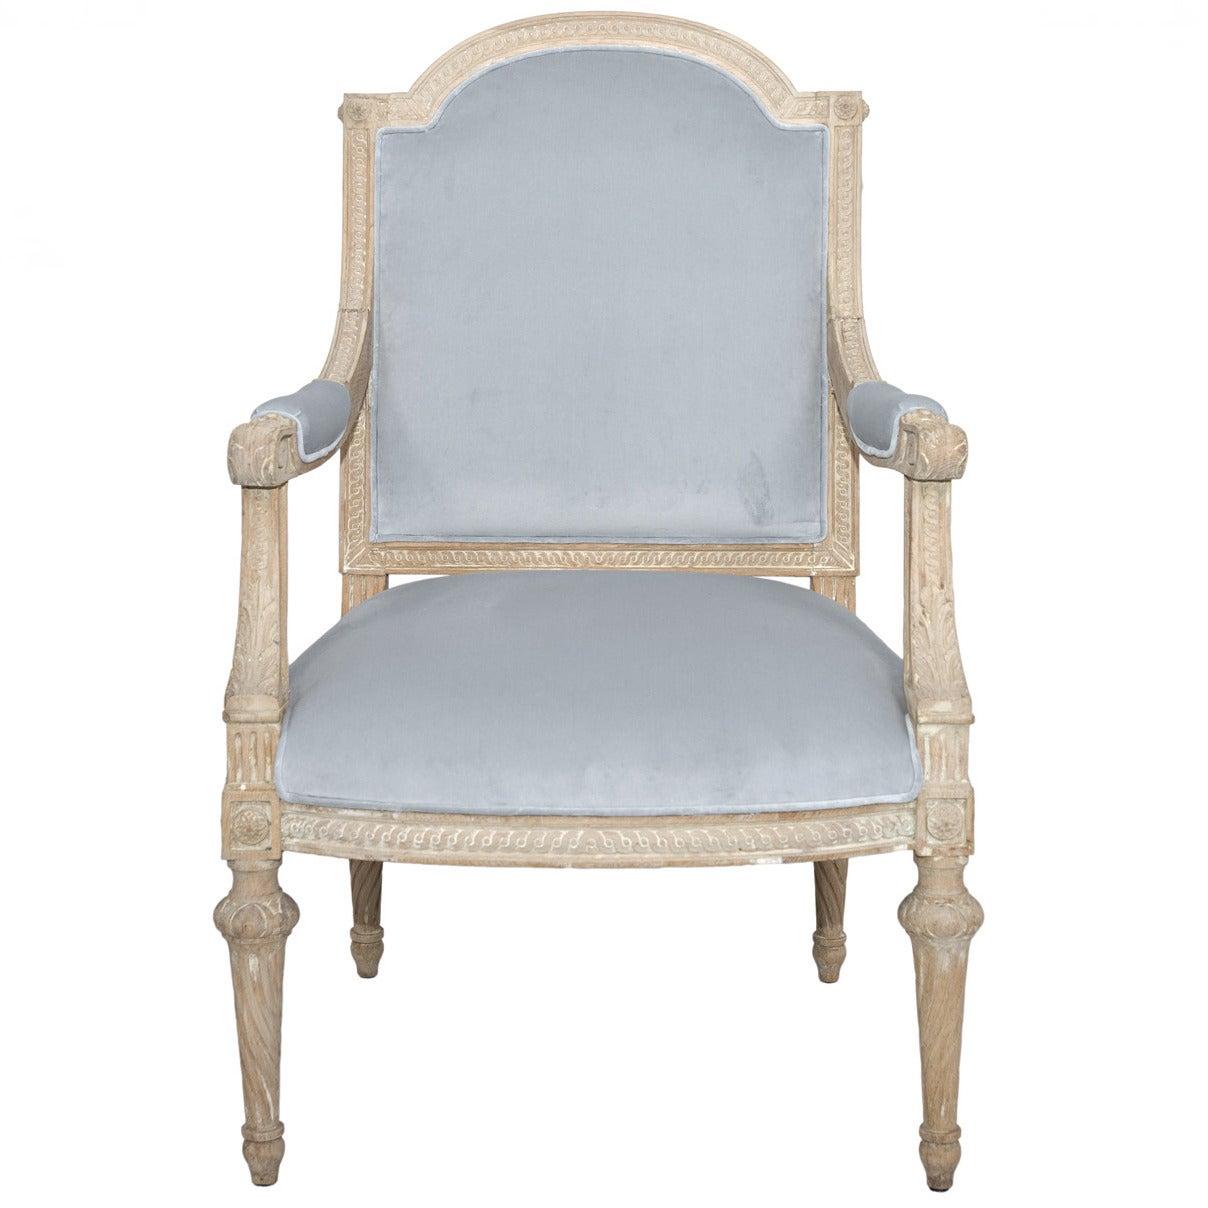 19th century antique louis xvi chair at 1stdibs - Louis th chairs ...